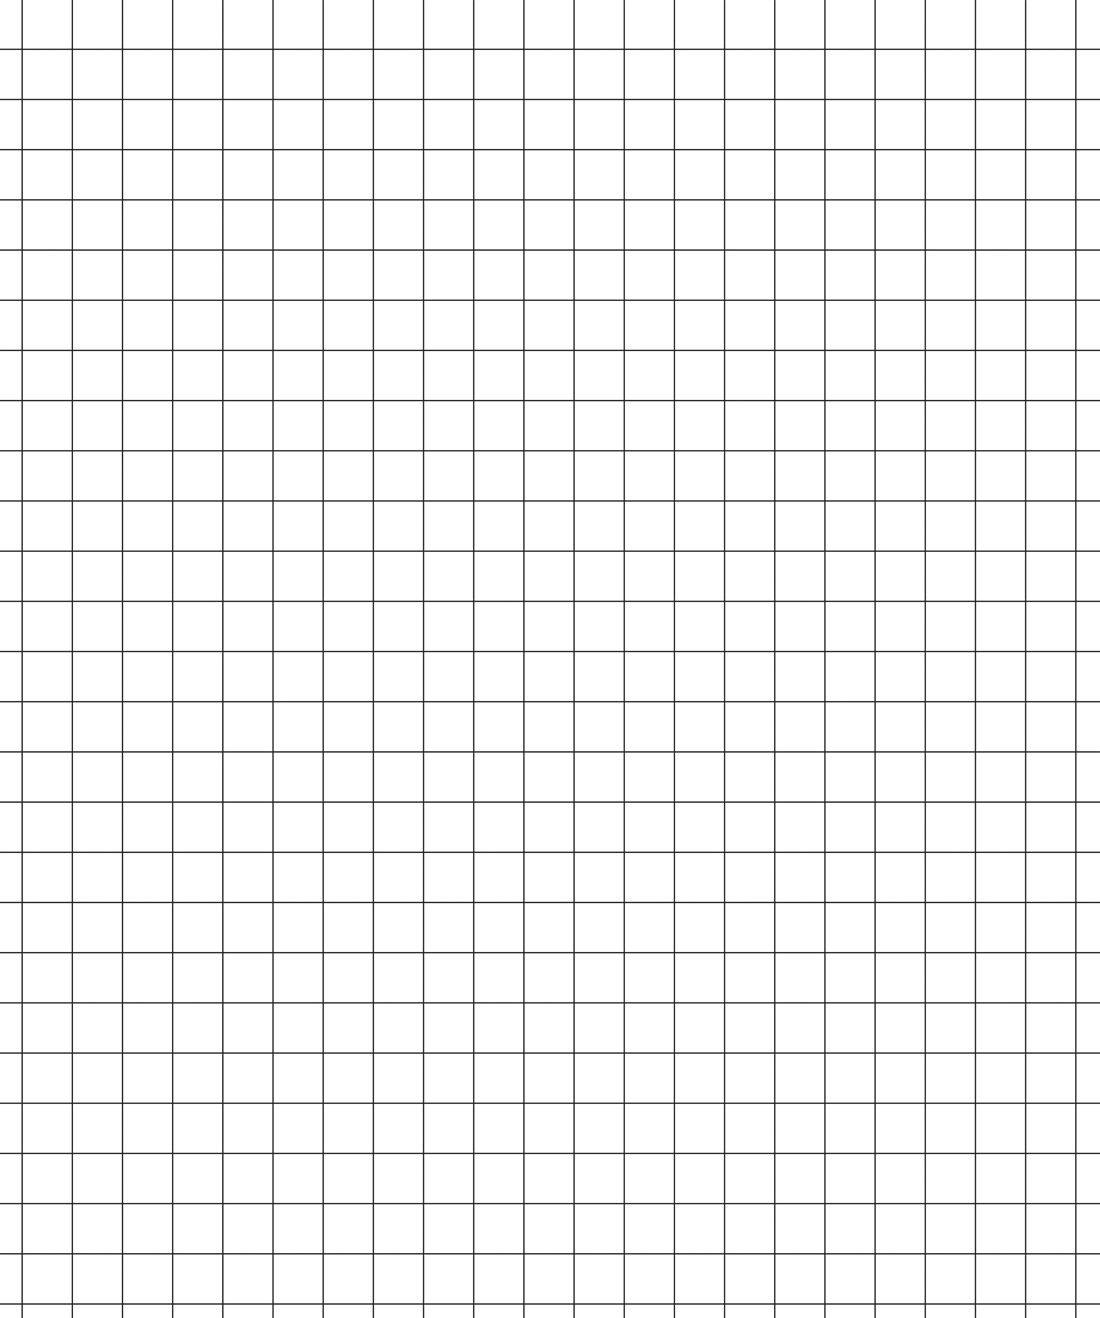 Contact Grid Wallpaper